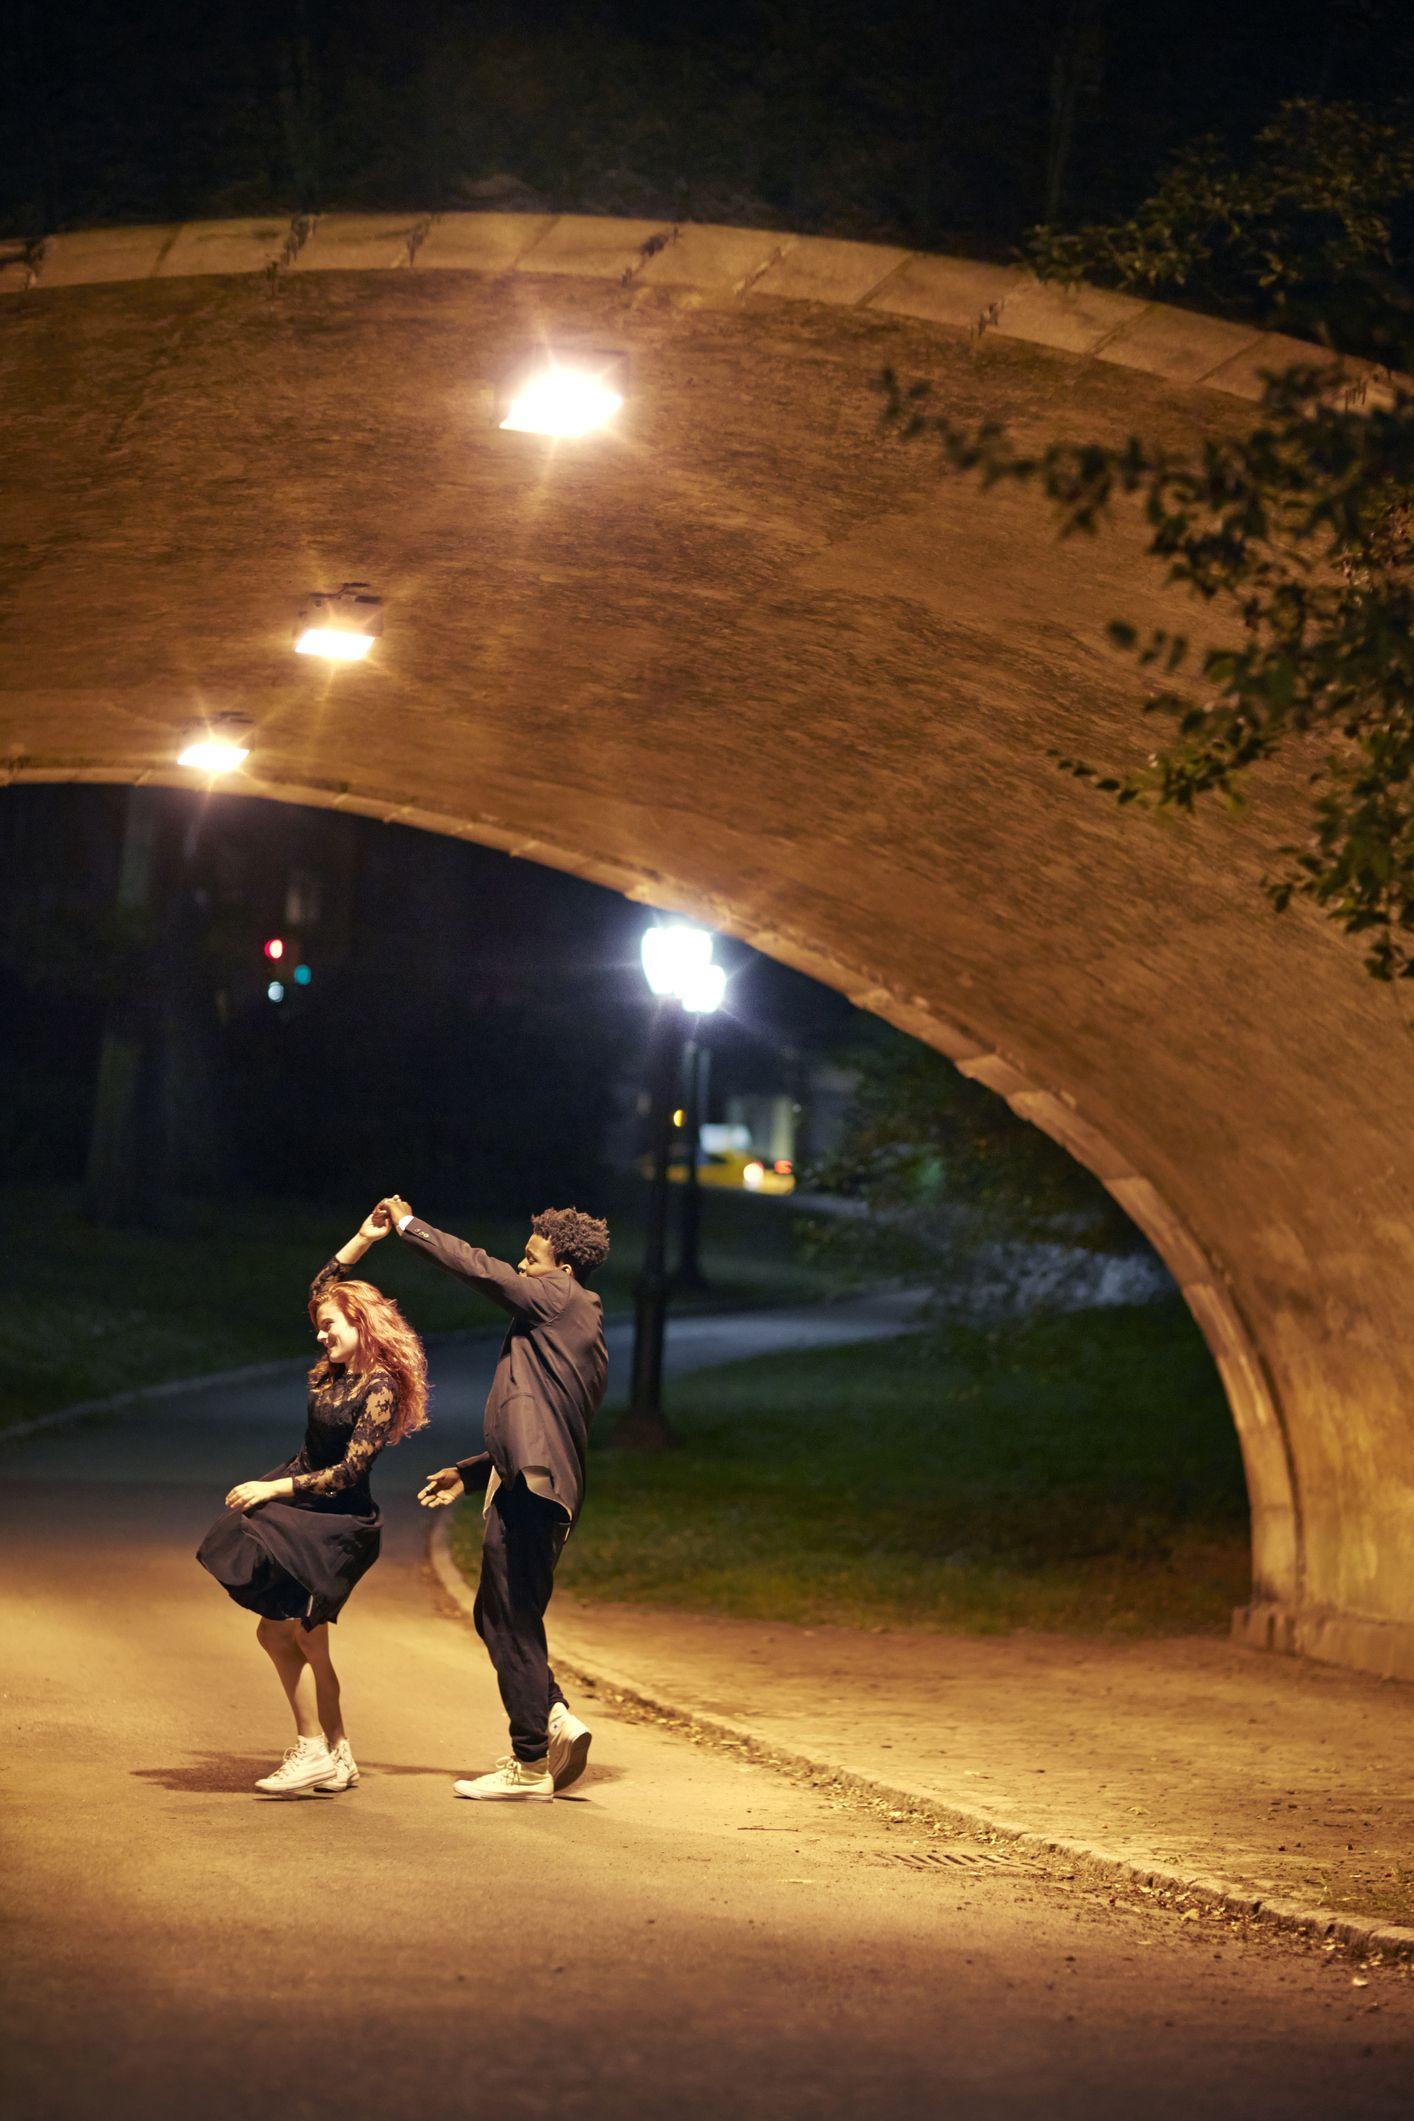 sretni par koji noću pleše na ulici